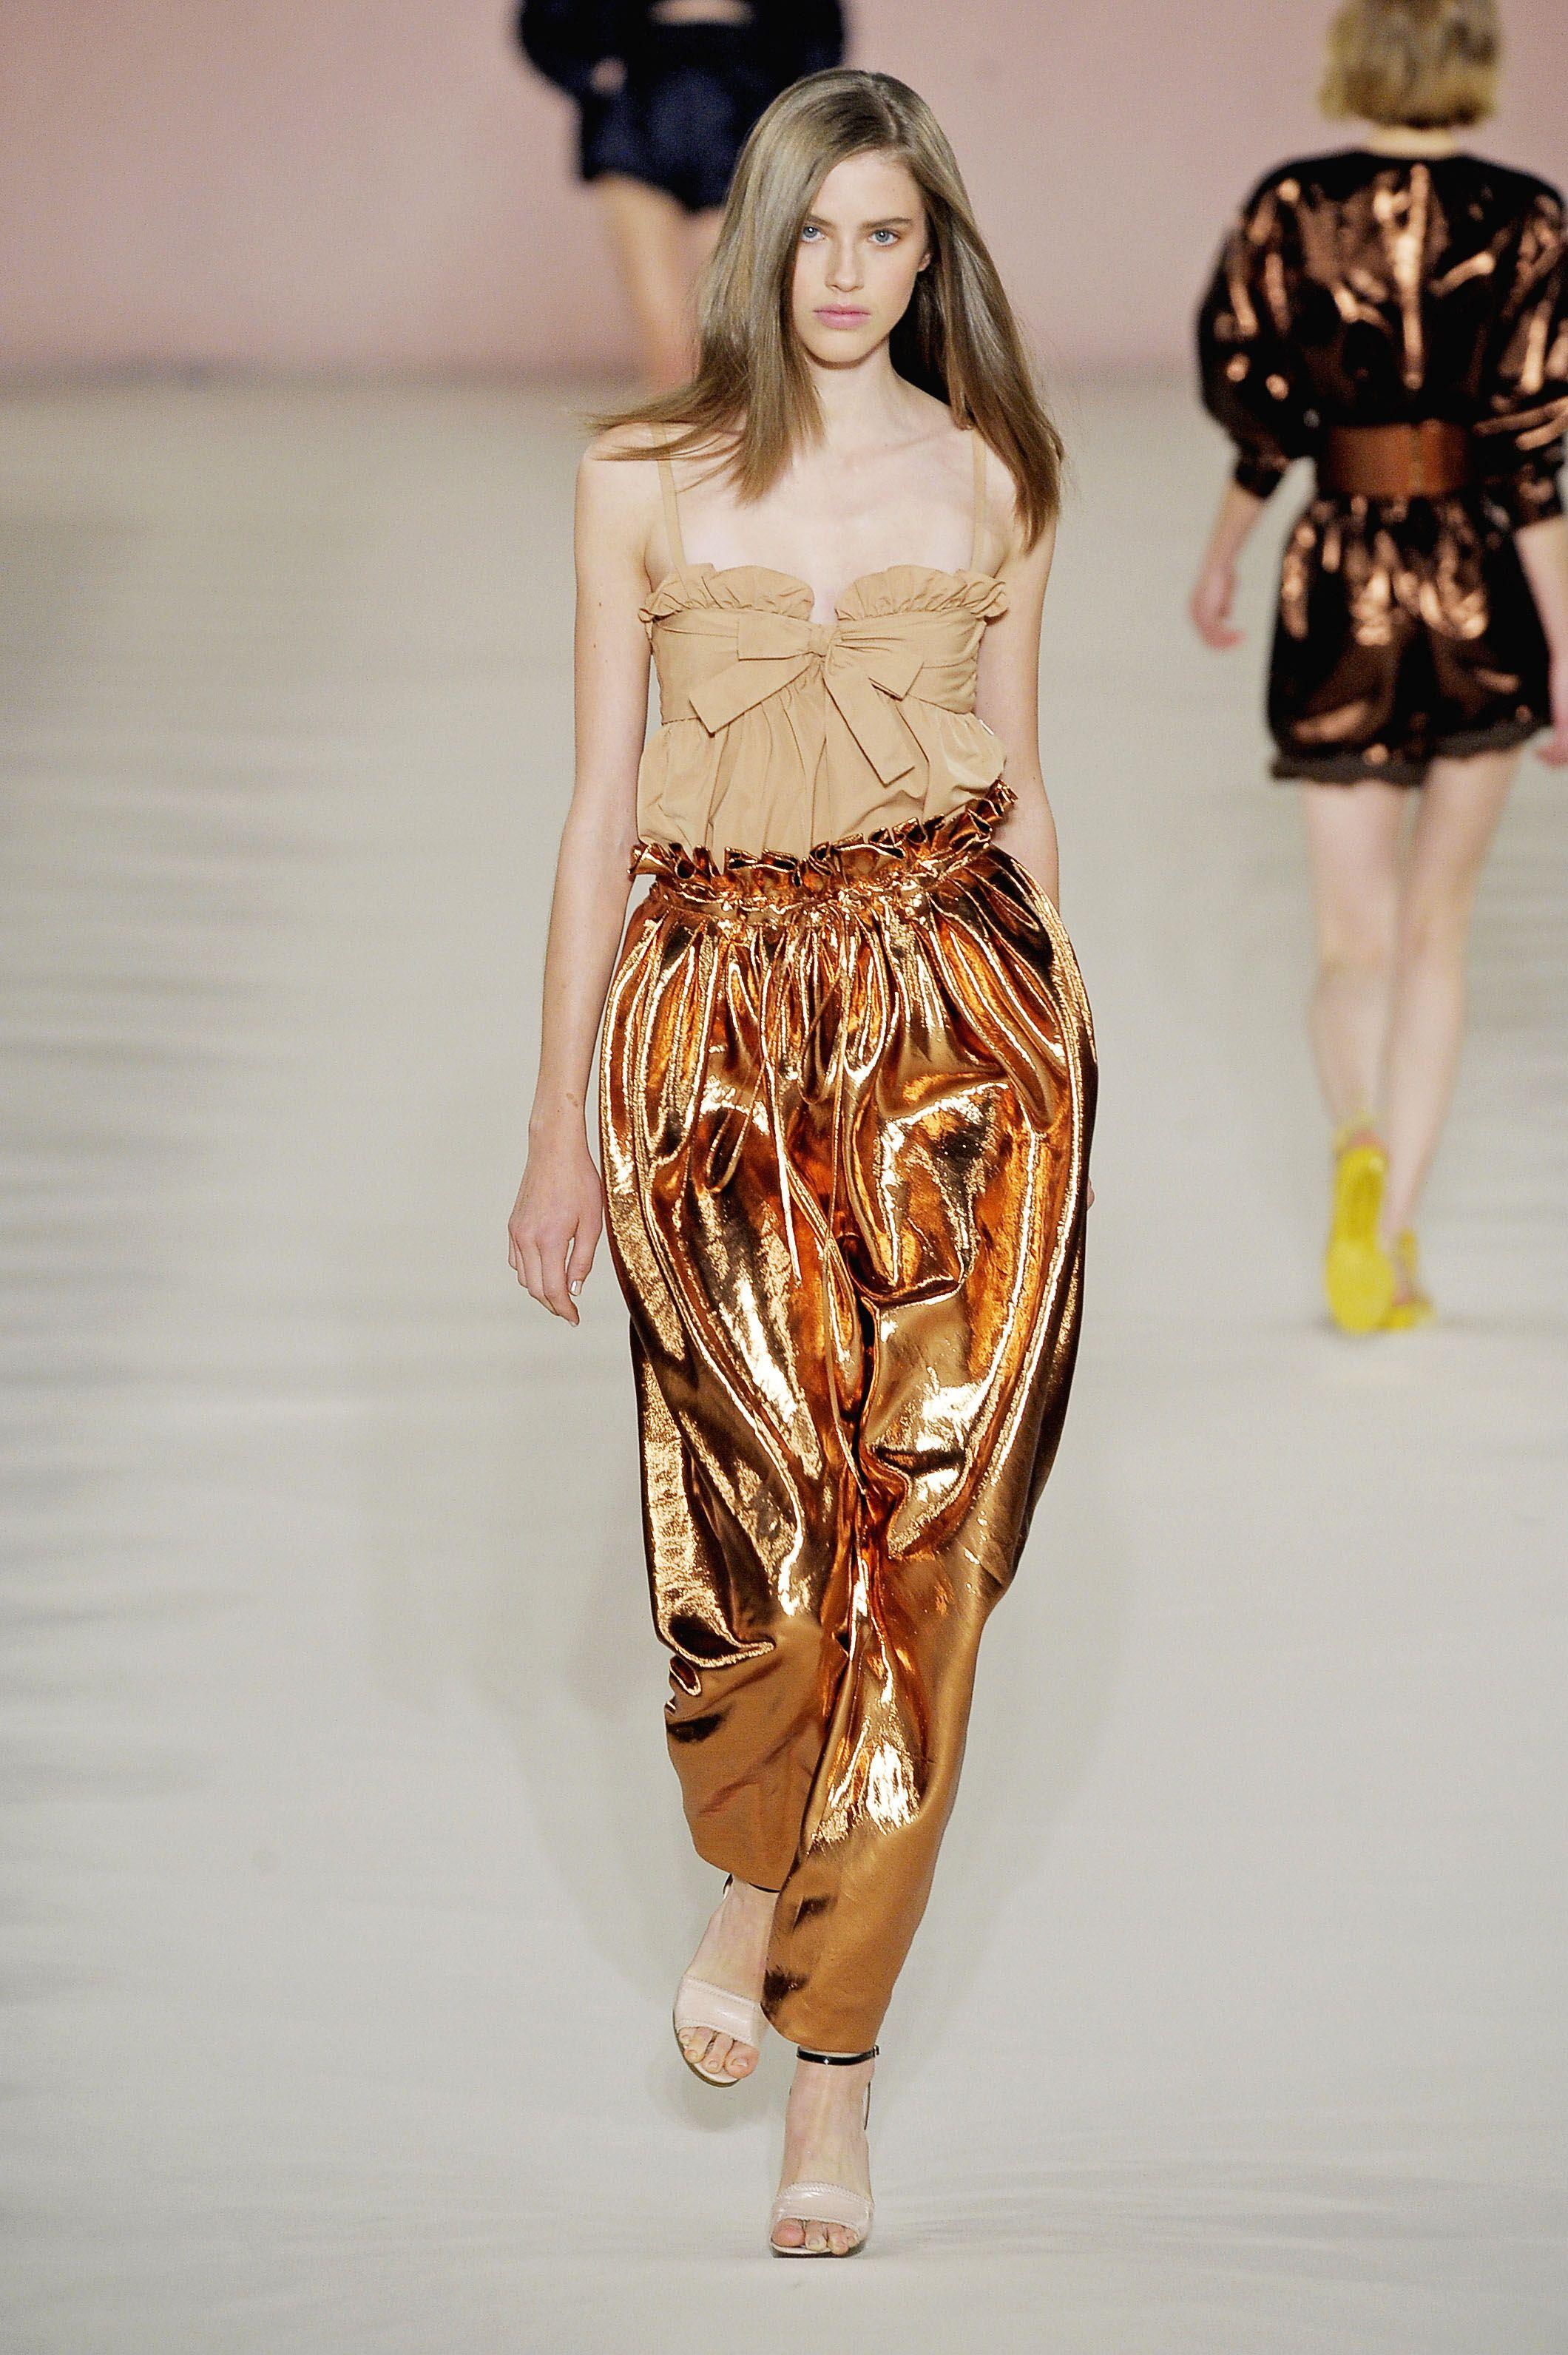 Chloe S/S 09: Wide-leg trouser (Minoan skirt type)